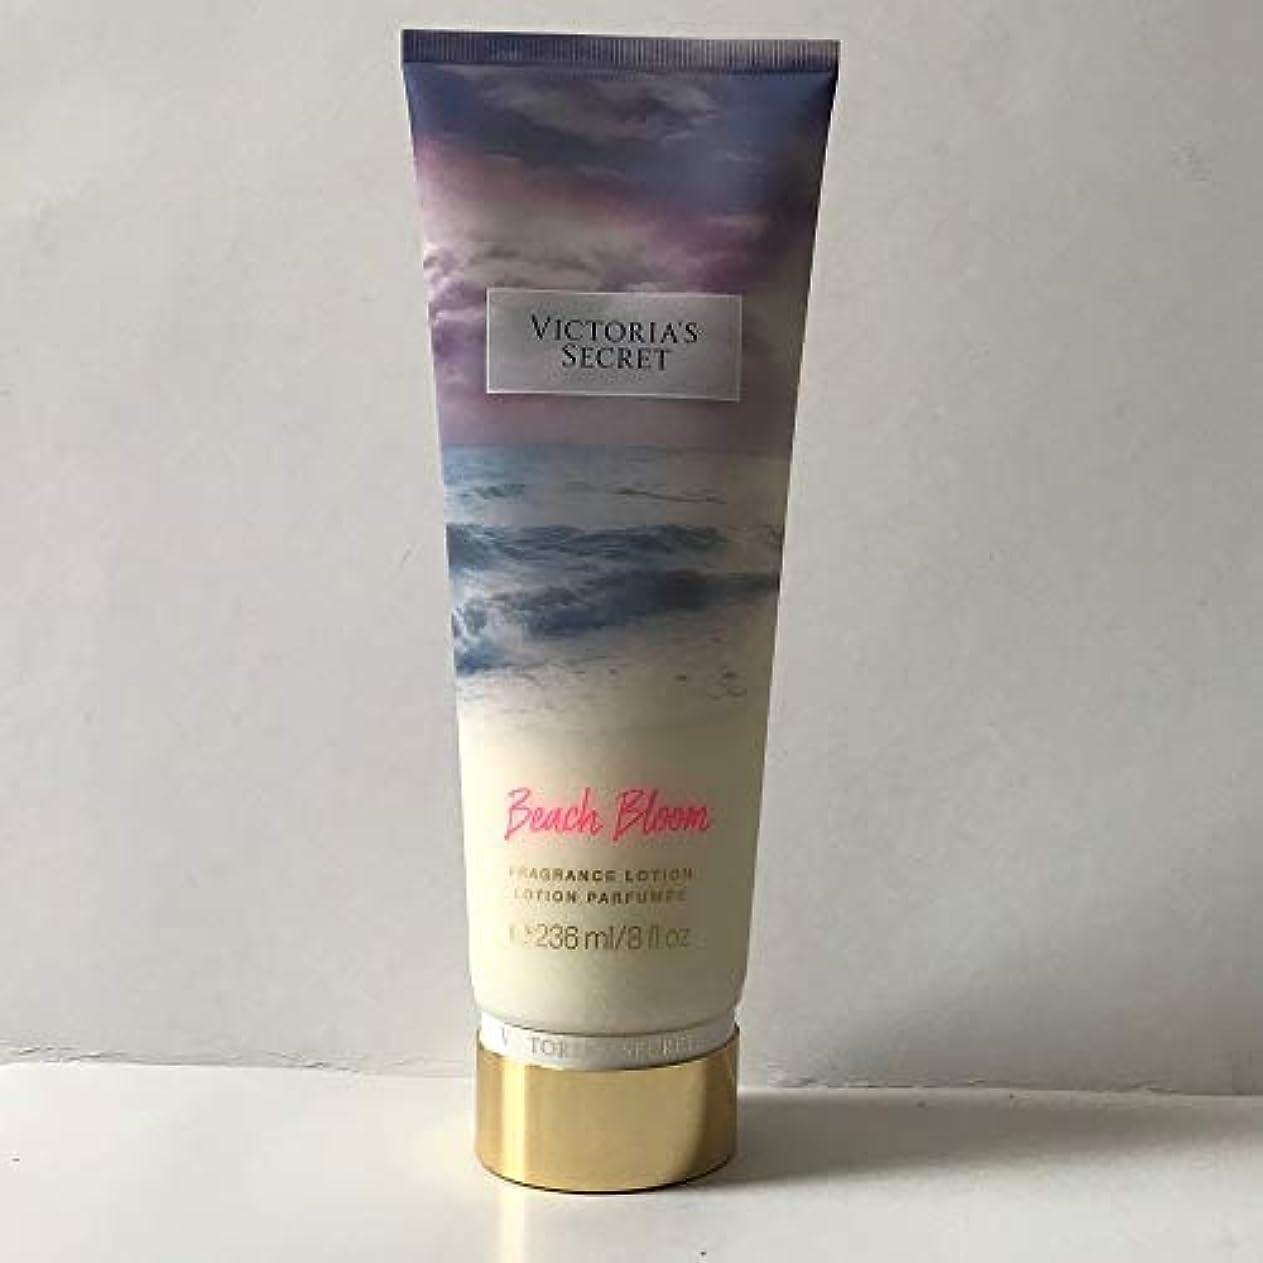 フットボール実行可能沈黙フレグランスローション Fragrance Lotion ヴィクトリアズシークレット Victoria'sSecret (58LTD.ビーチブルーム/BeachBloom-LTD) [並行輸入品]